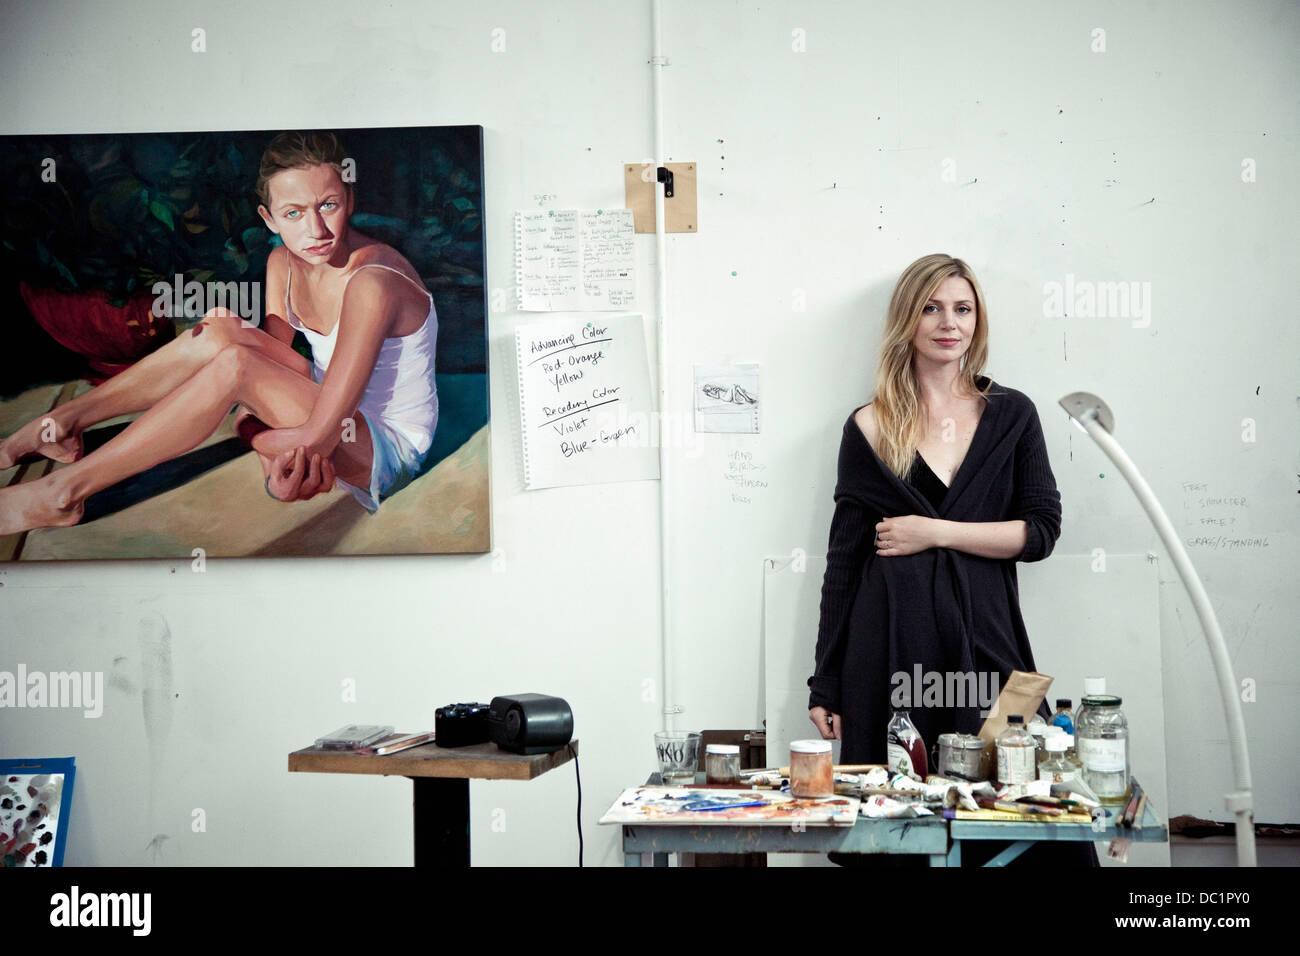 Mid adult woman standing in artist's studio, portrait - Stock Image